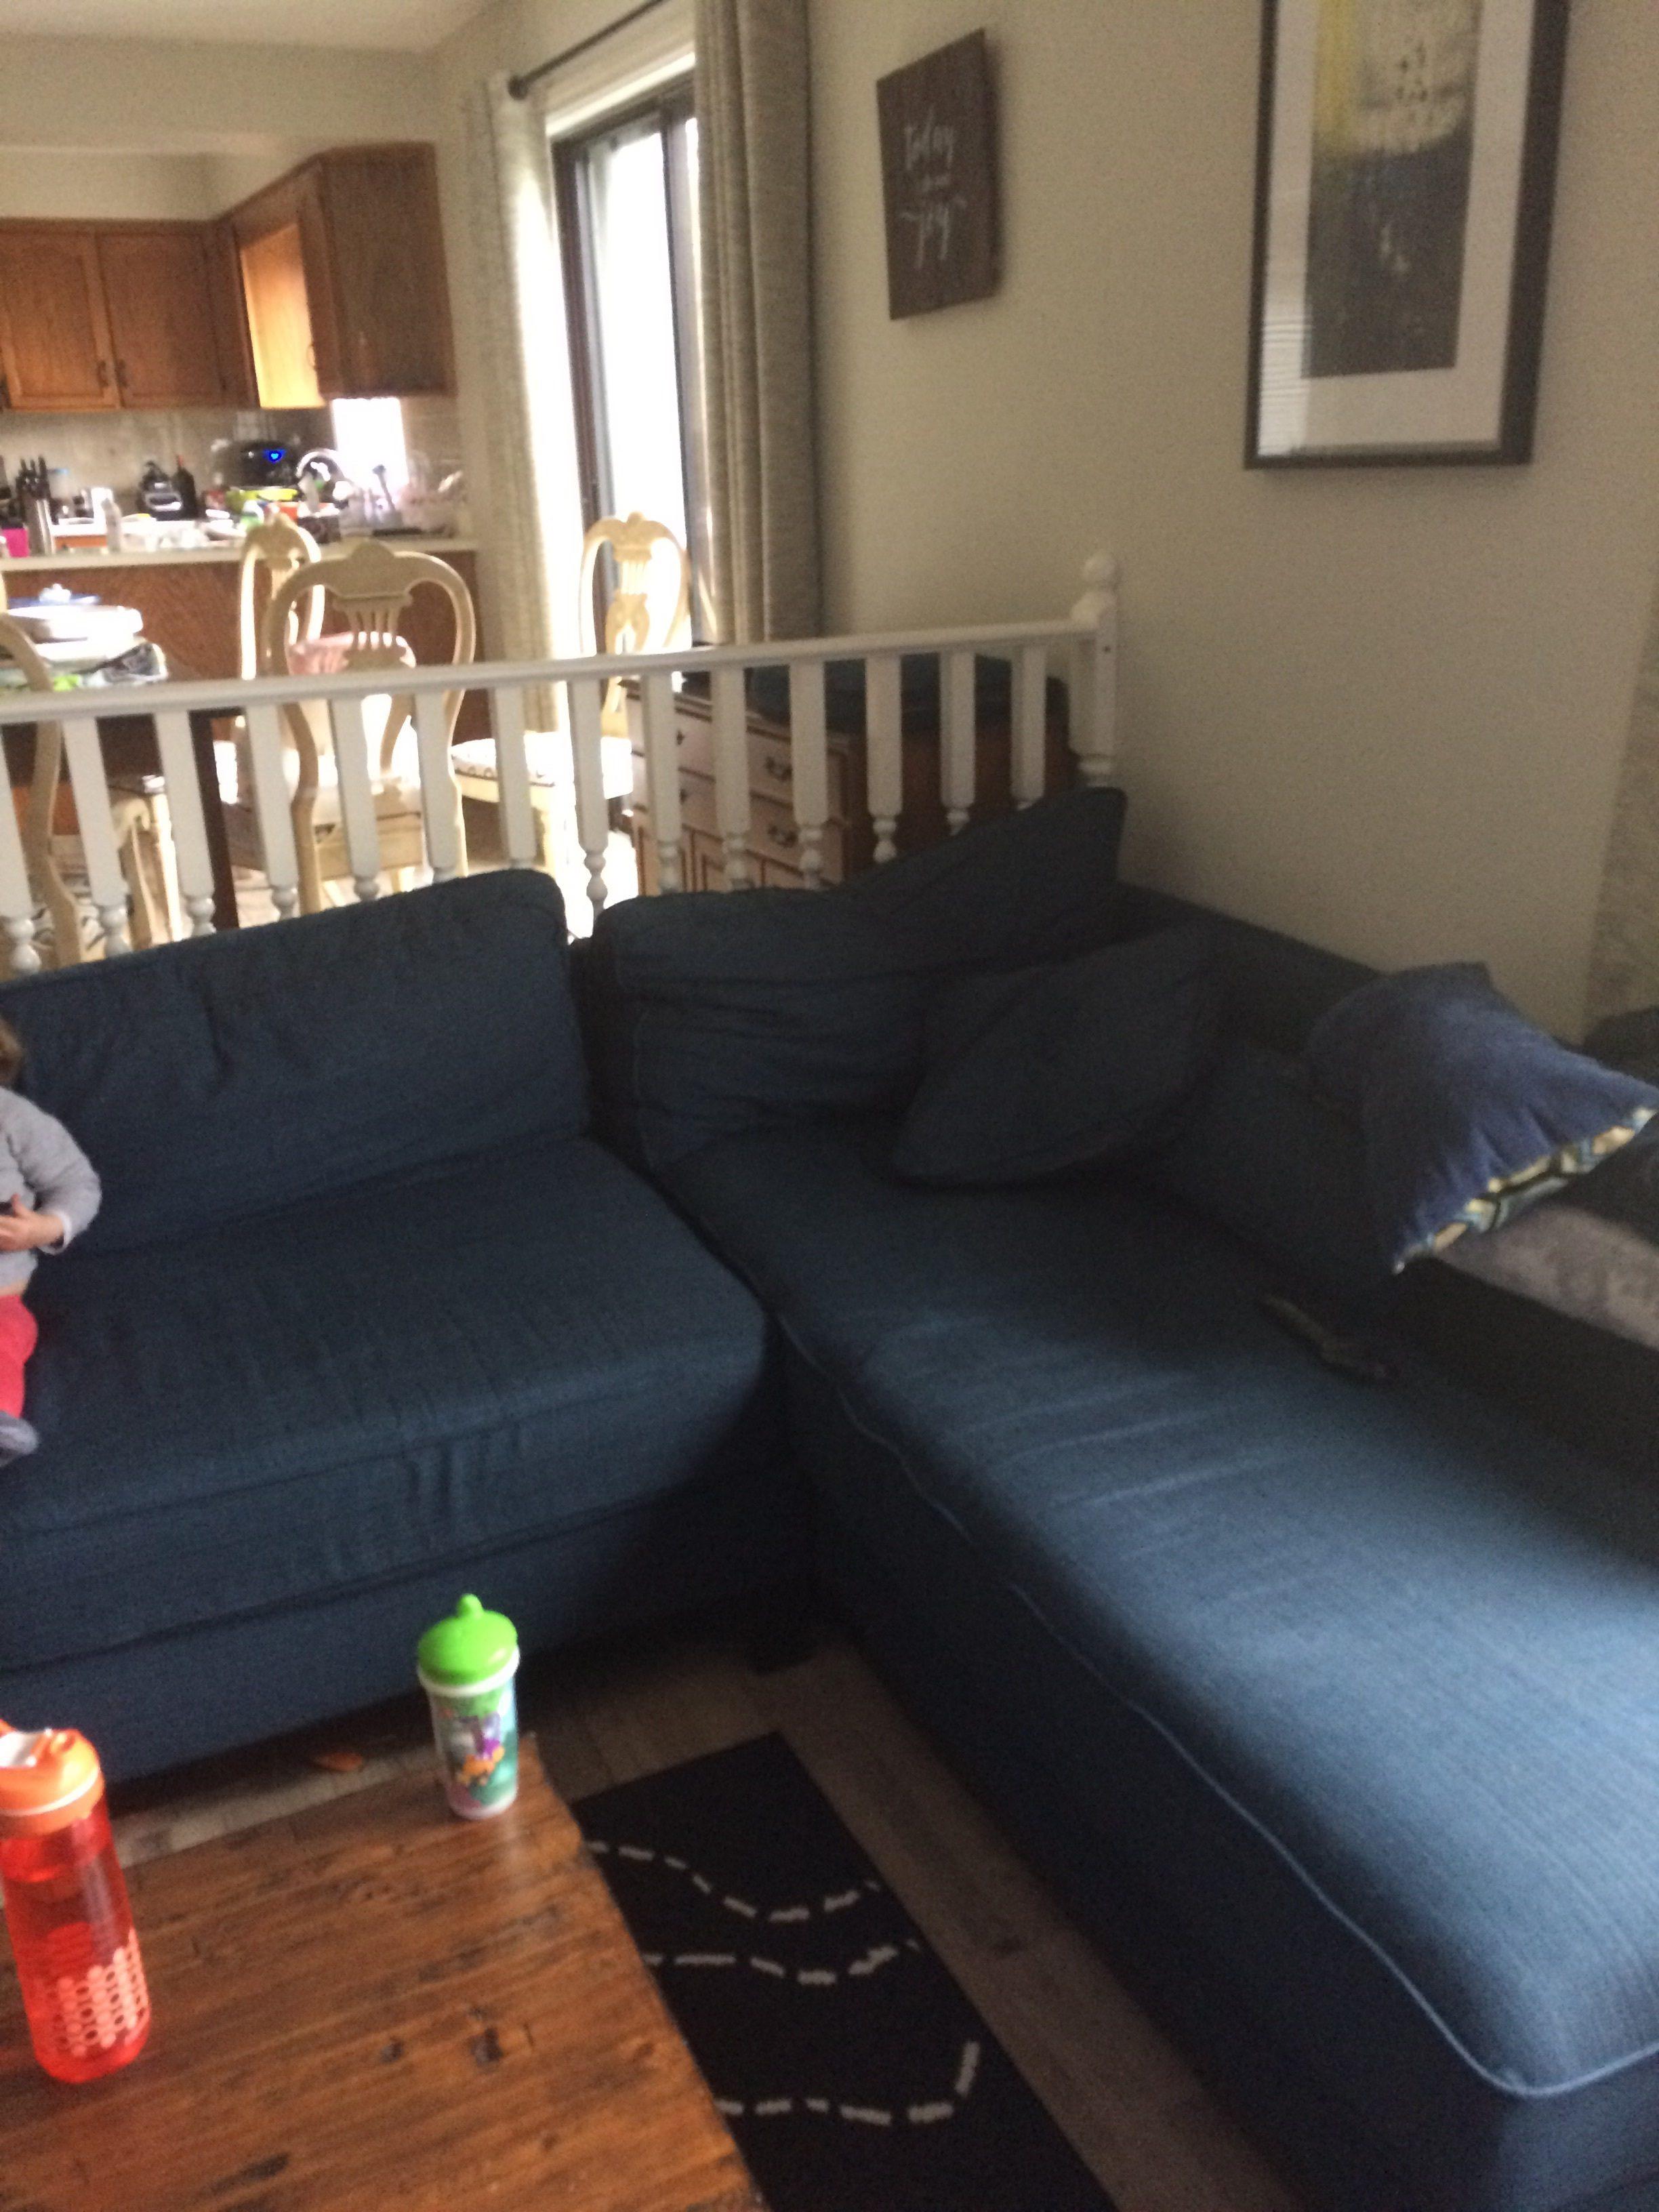 Top 4 945 Reviews And Complaints About La Z Boy Furniture